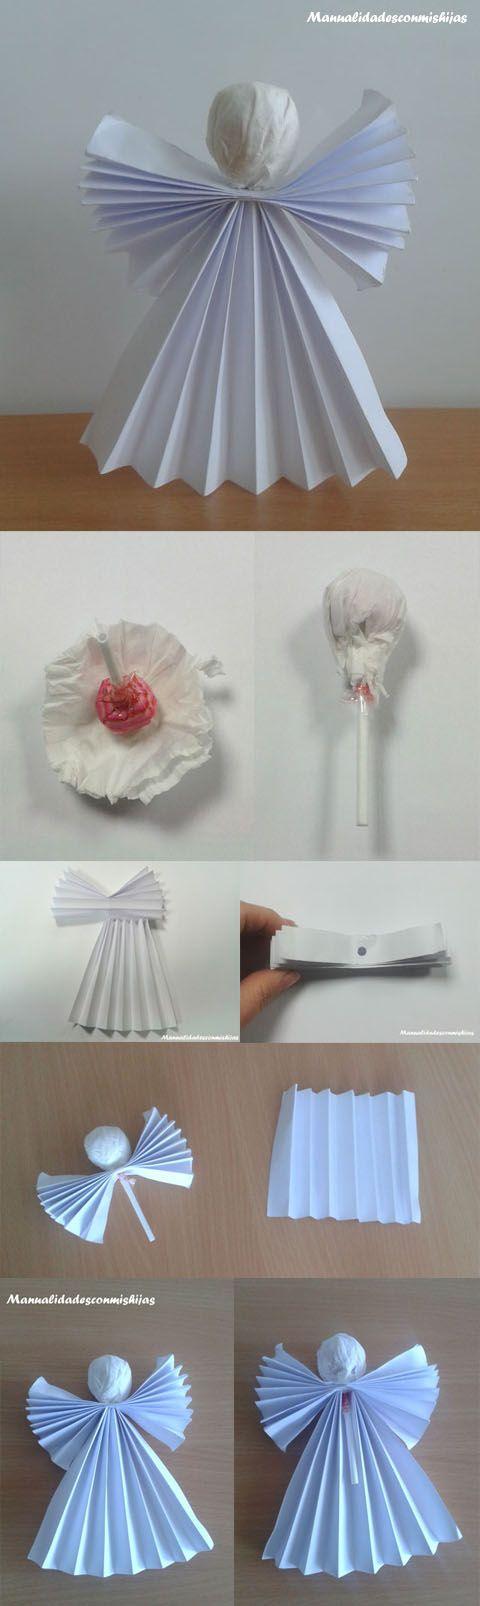 Ángel de navidad para niños con papel plegado y chupachups